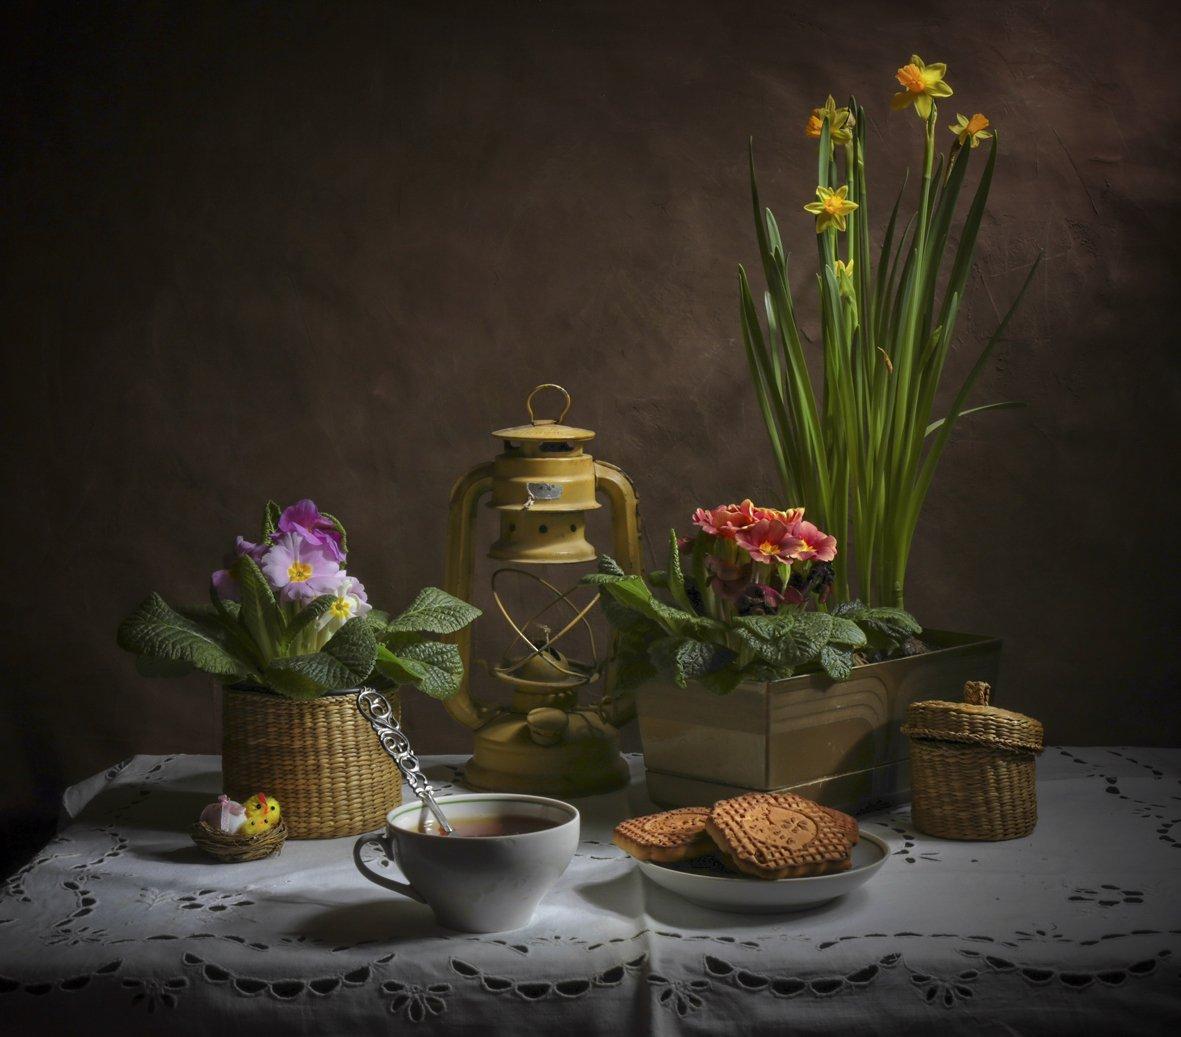 весна,нарцис,примула,натюрморт,, Zadorina Svetlana